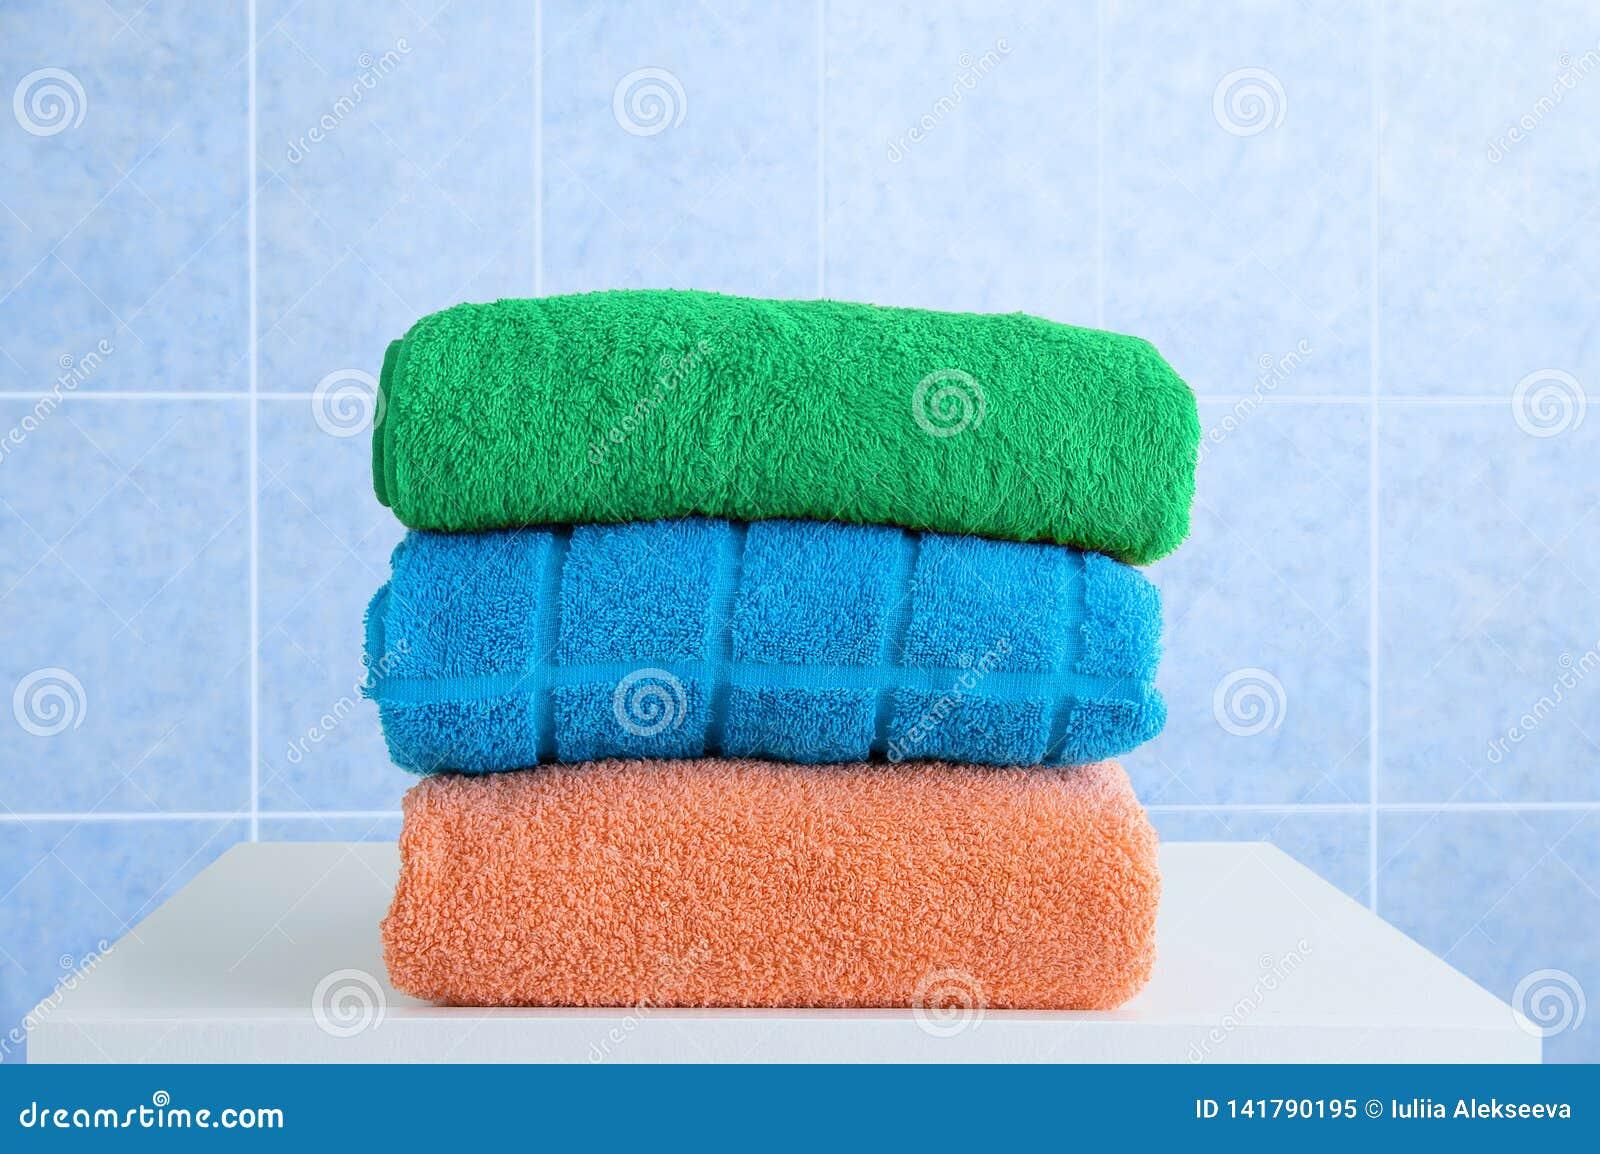 Terry handdoeken op een witte nightstand in badkamers Blauwe tegel als achtergrond